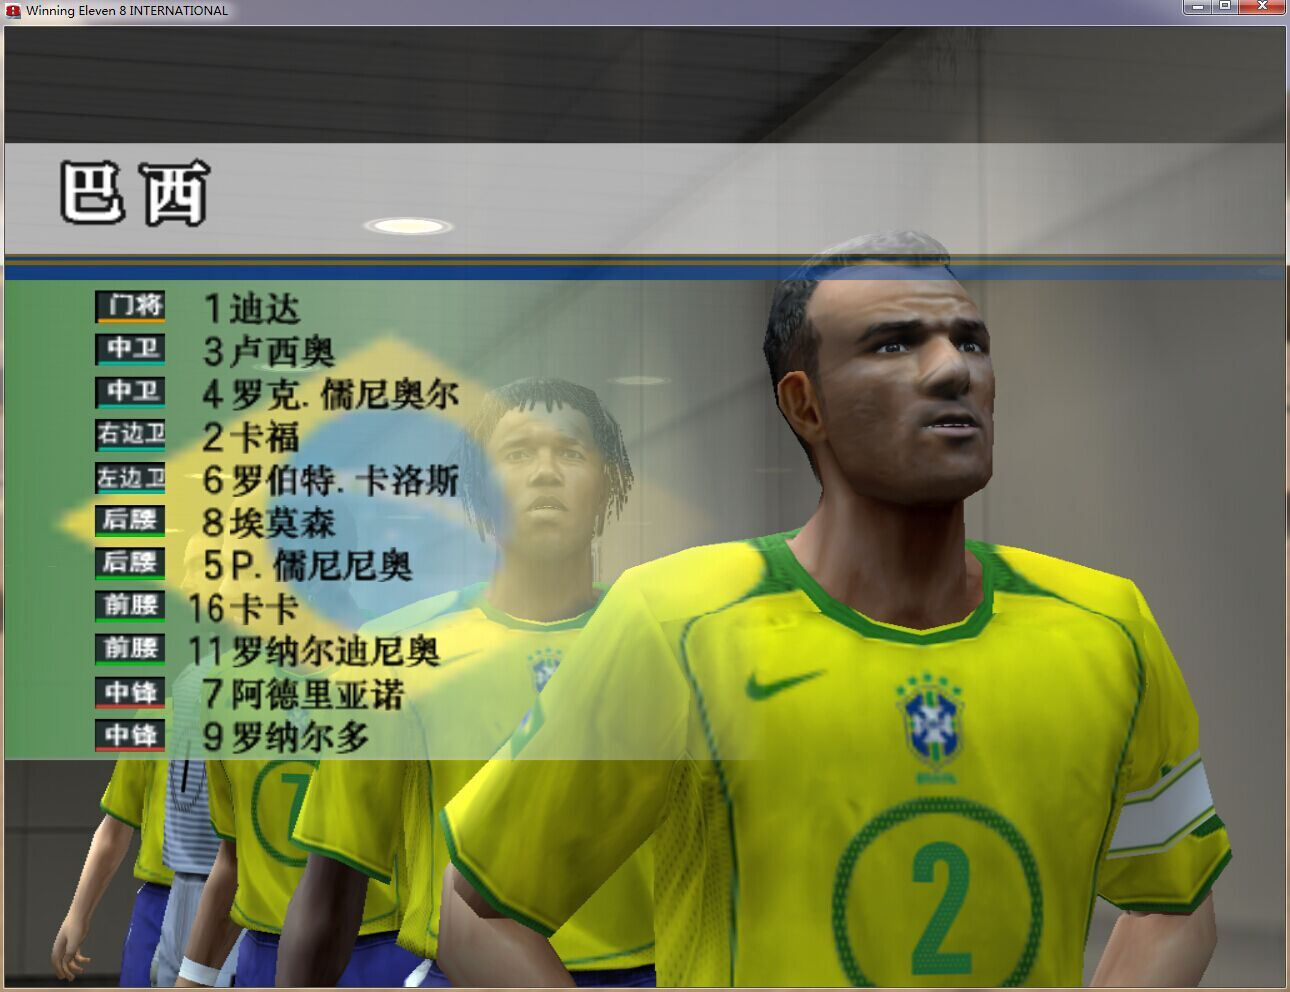 实况足球8_实况足球8 王涛解说的那个版本,要纯净版啊,不要捆绑一堆没用的软件和